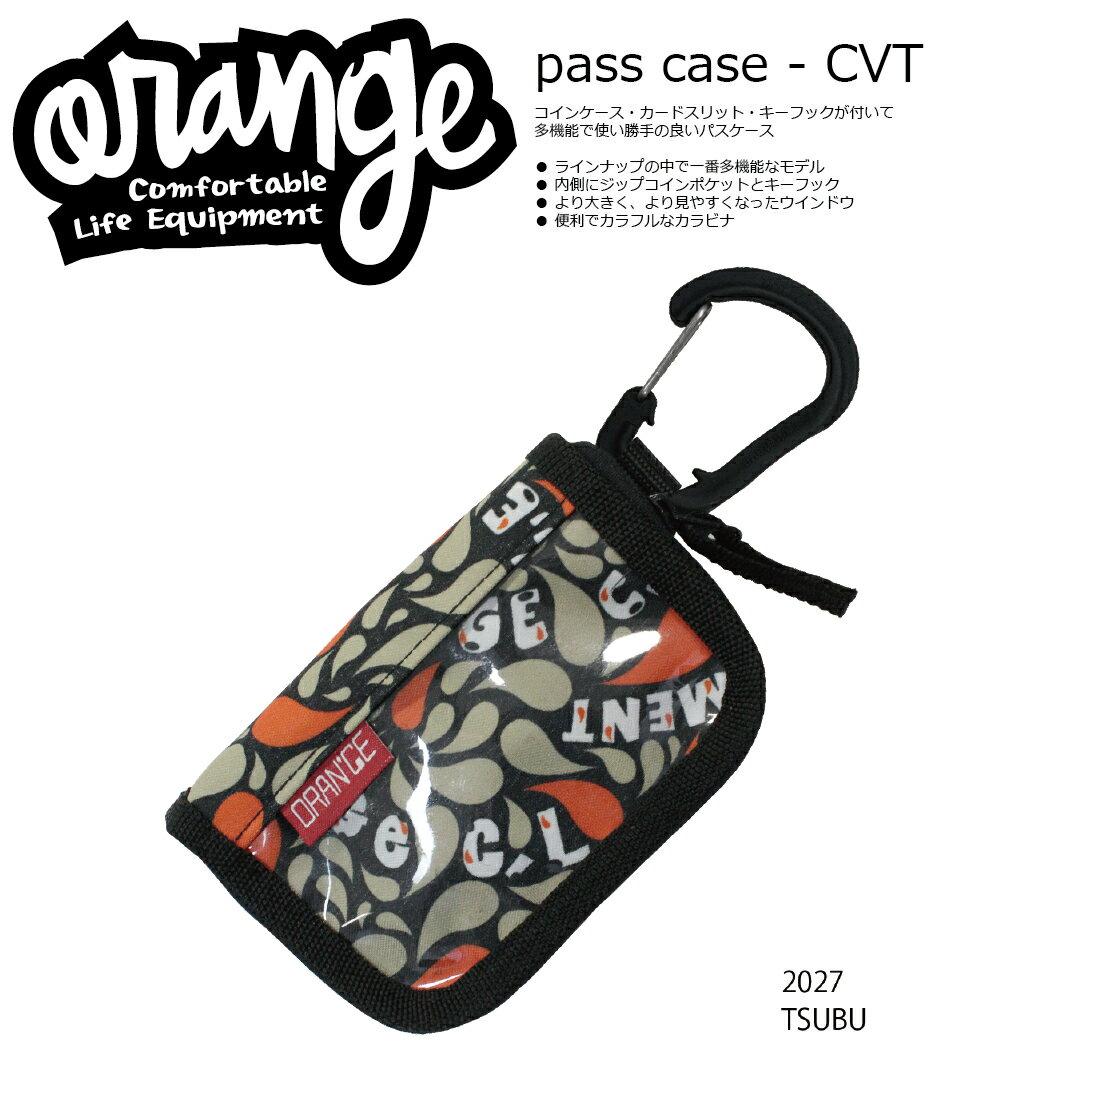 Oran'ge Pass-Case CVT カラビナ付 2027 TSUBU オレンジ パスケース 横タイプ シーブイティー 収納ポケット付 2017 2017-18